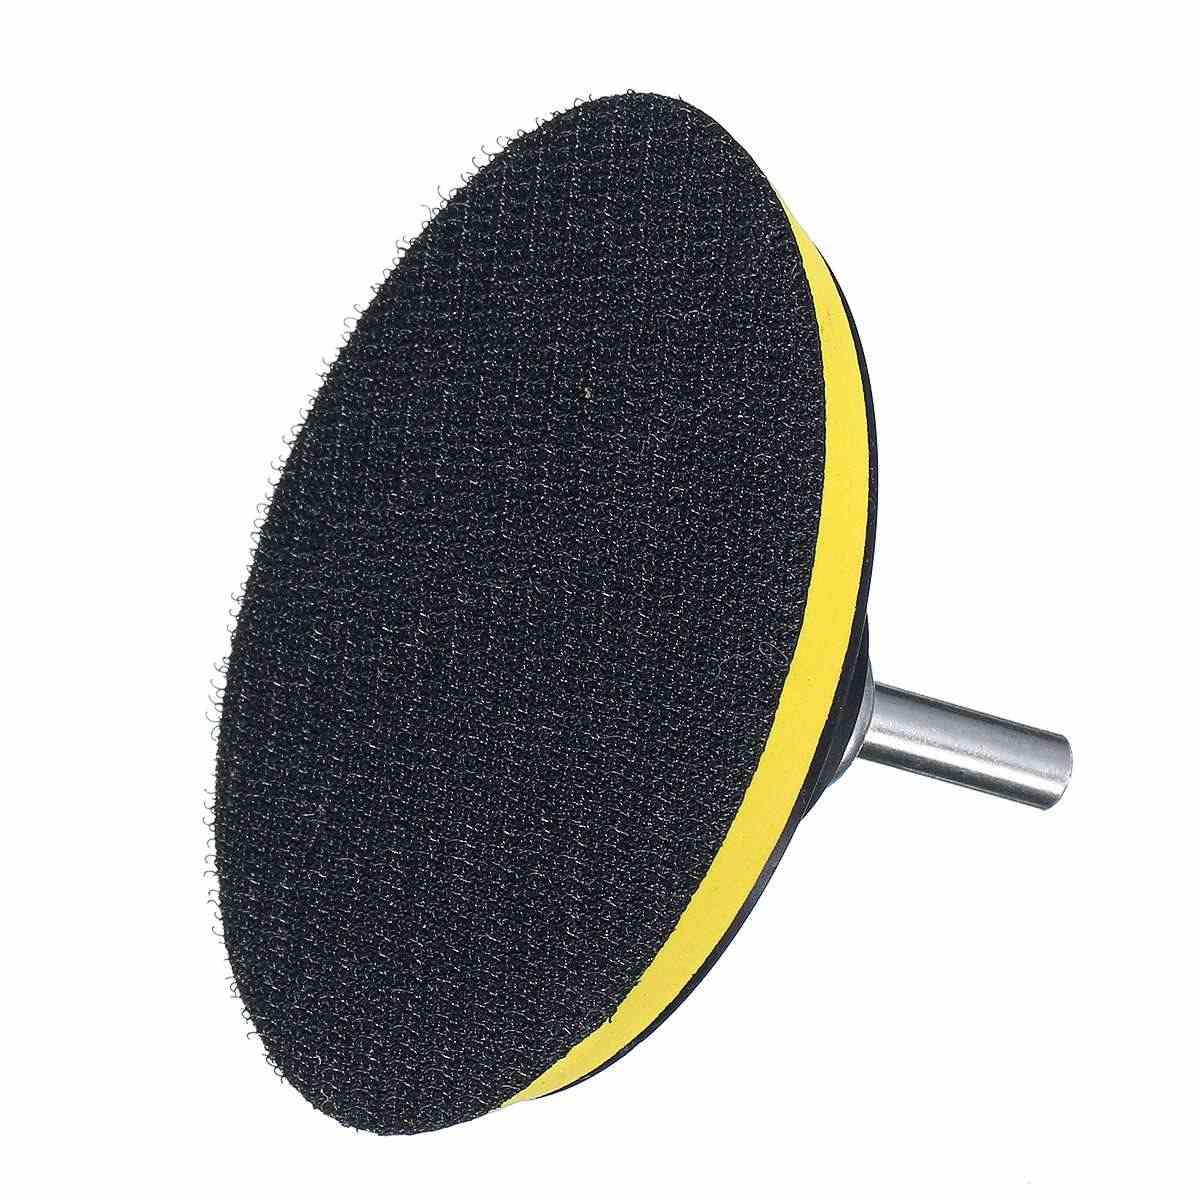 11 pcs 100mm/4 ברוטו חיץ מתחם שעווה ליטוש גלגל כלי ספוג Pad תרגיל מתאם ערכת סט עבור אוטומטי רכב לטש